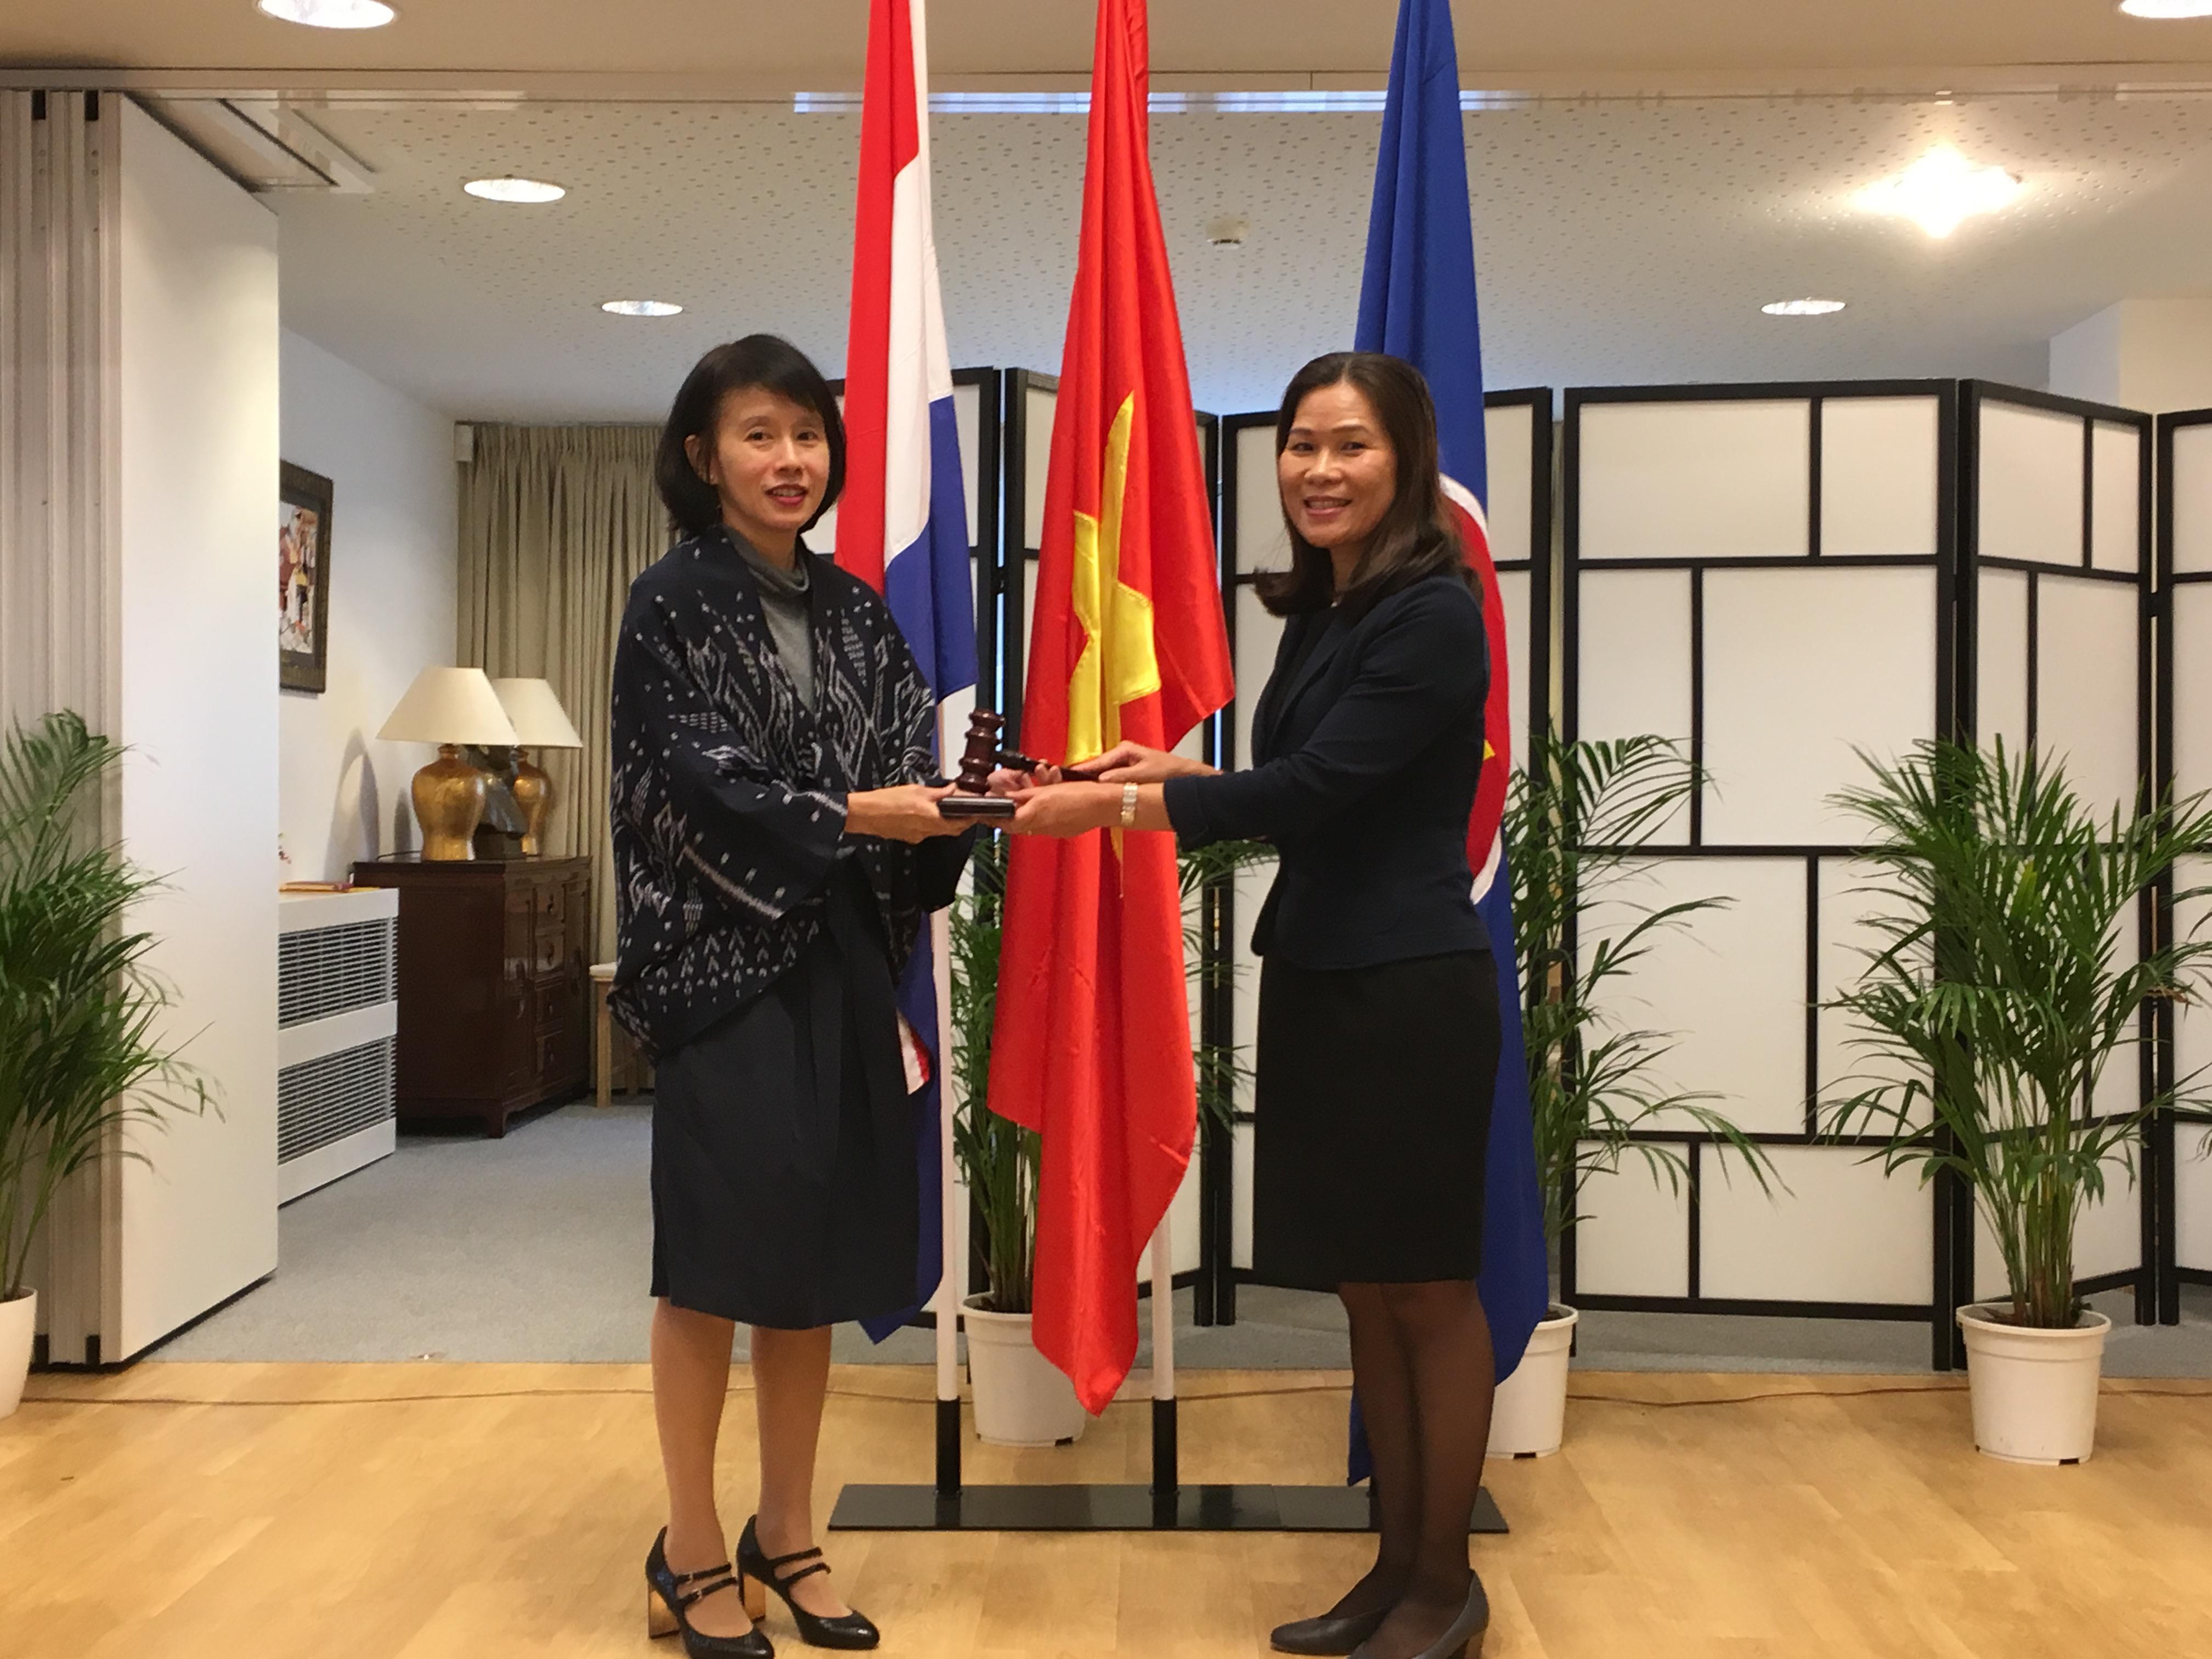 Việt Nam đã đảm đương xuất sắc vai trò Chủ tịch Ủy ban ASEAN tại La Hay